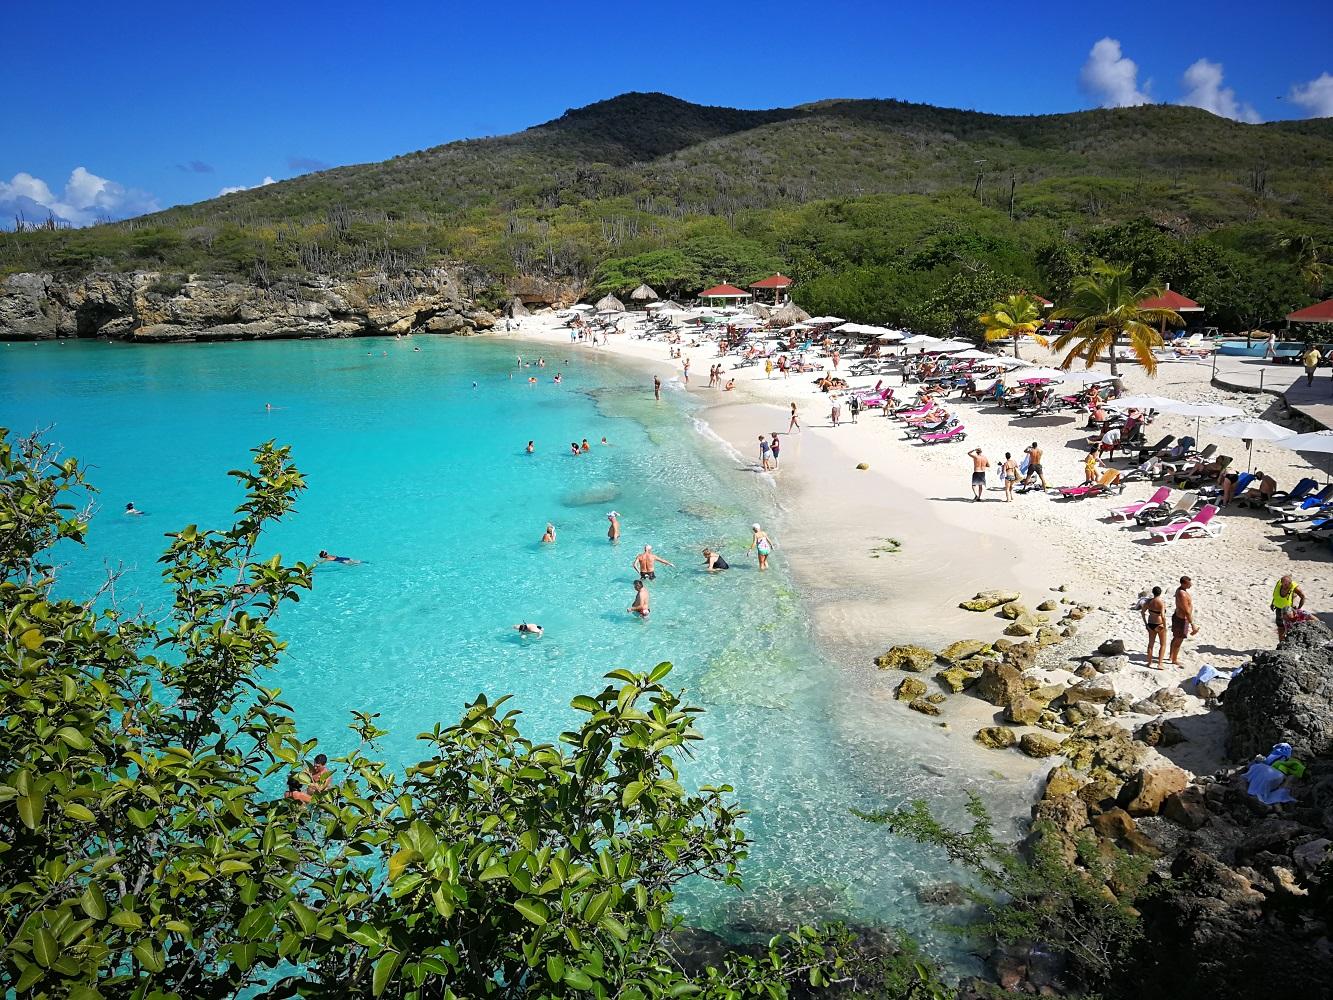 Mein Schiff Ausflug: Knip Beach auf Curacao - auch von oben wunderschön